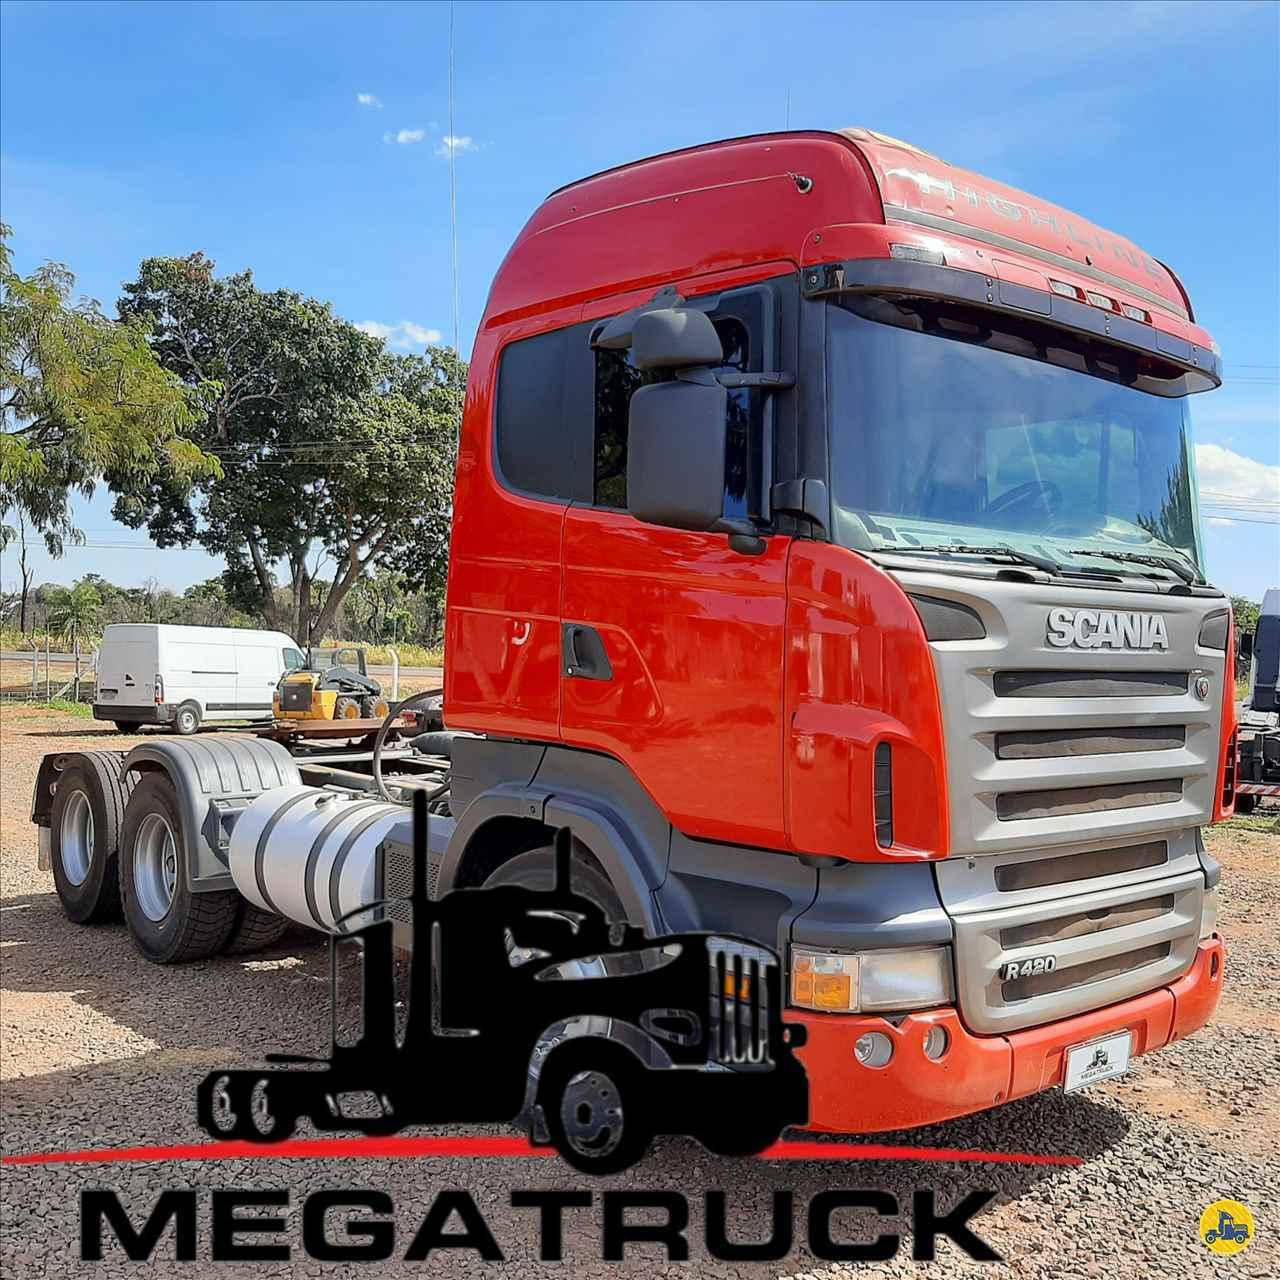 CAMINHAO SCANIA SCANIA 420 Cavalo Mecânico Truck 6x2 Megatruck Caminhões e Máquinas CAMPO GRANDE MATO GROSSO DO SUL MS